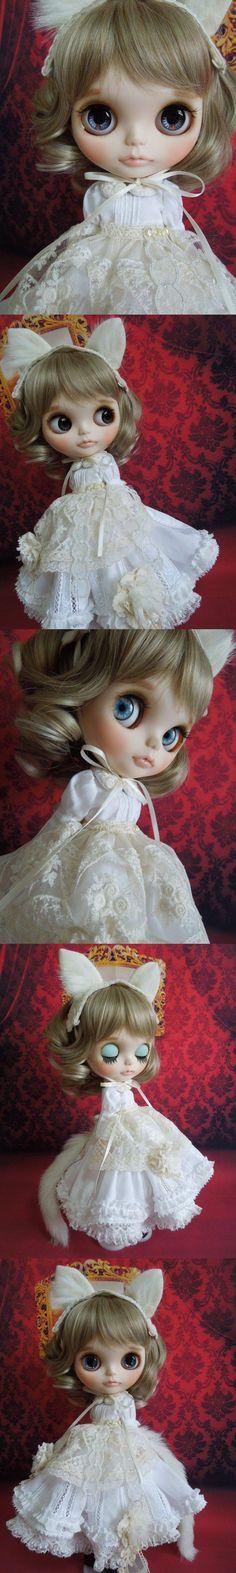 Aguri * Custom Blythe * white cat Princess Admin - Auction - Rinkya! Japan Auction & Shopping